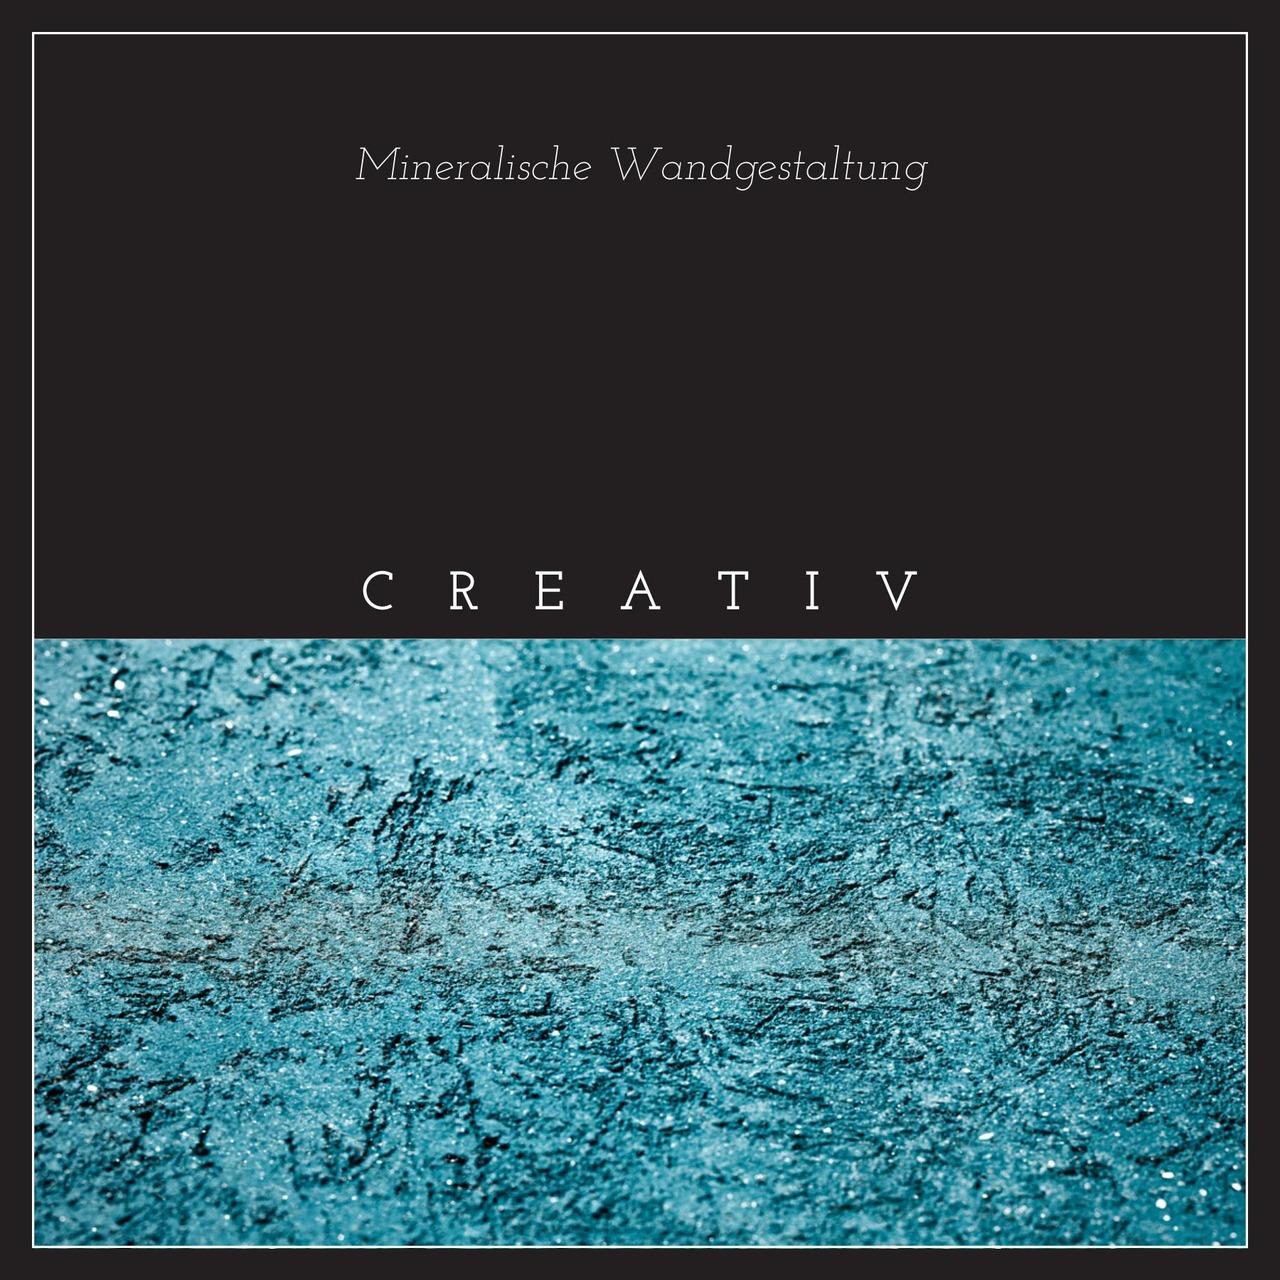 Das Themenheft Creativ präsentiert Raumsituationen und Hintergrundinfos in Bild und Wort zur mineralischen Wandgestaltung.